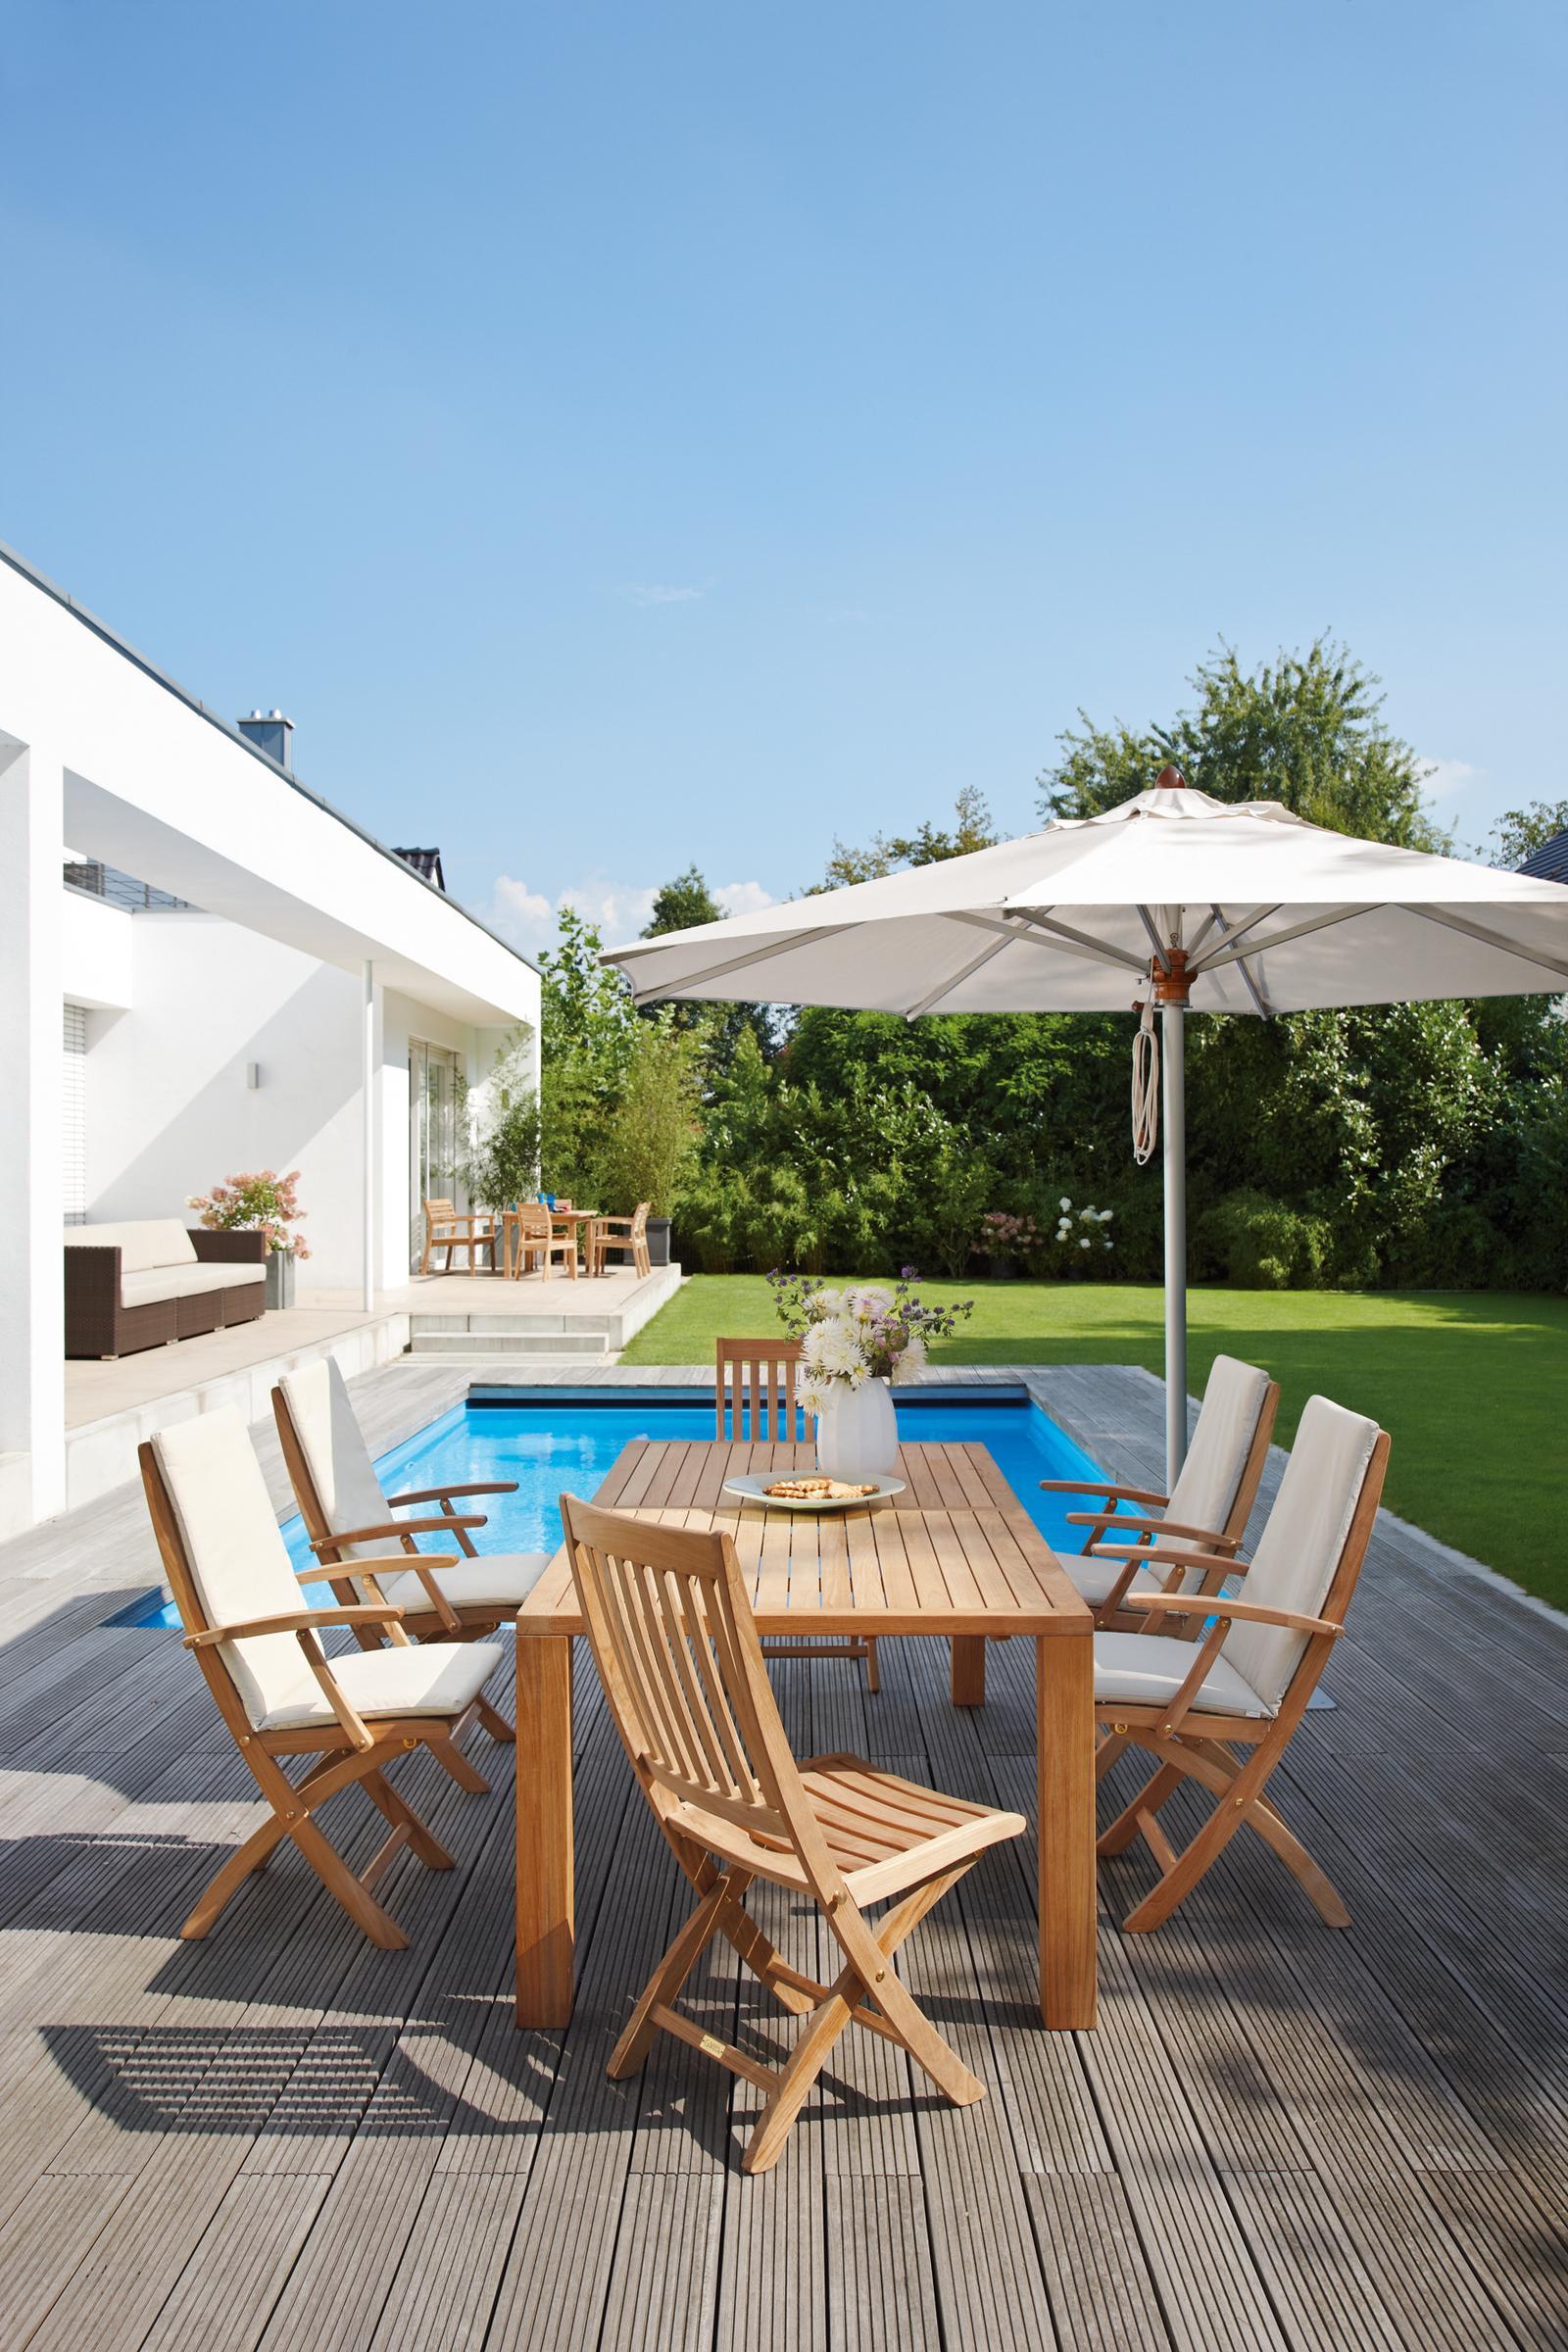 Klappstuhl bilder ideen couchstyle - Holztisch terrasse ...